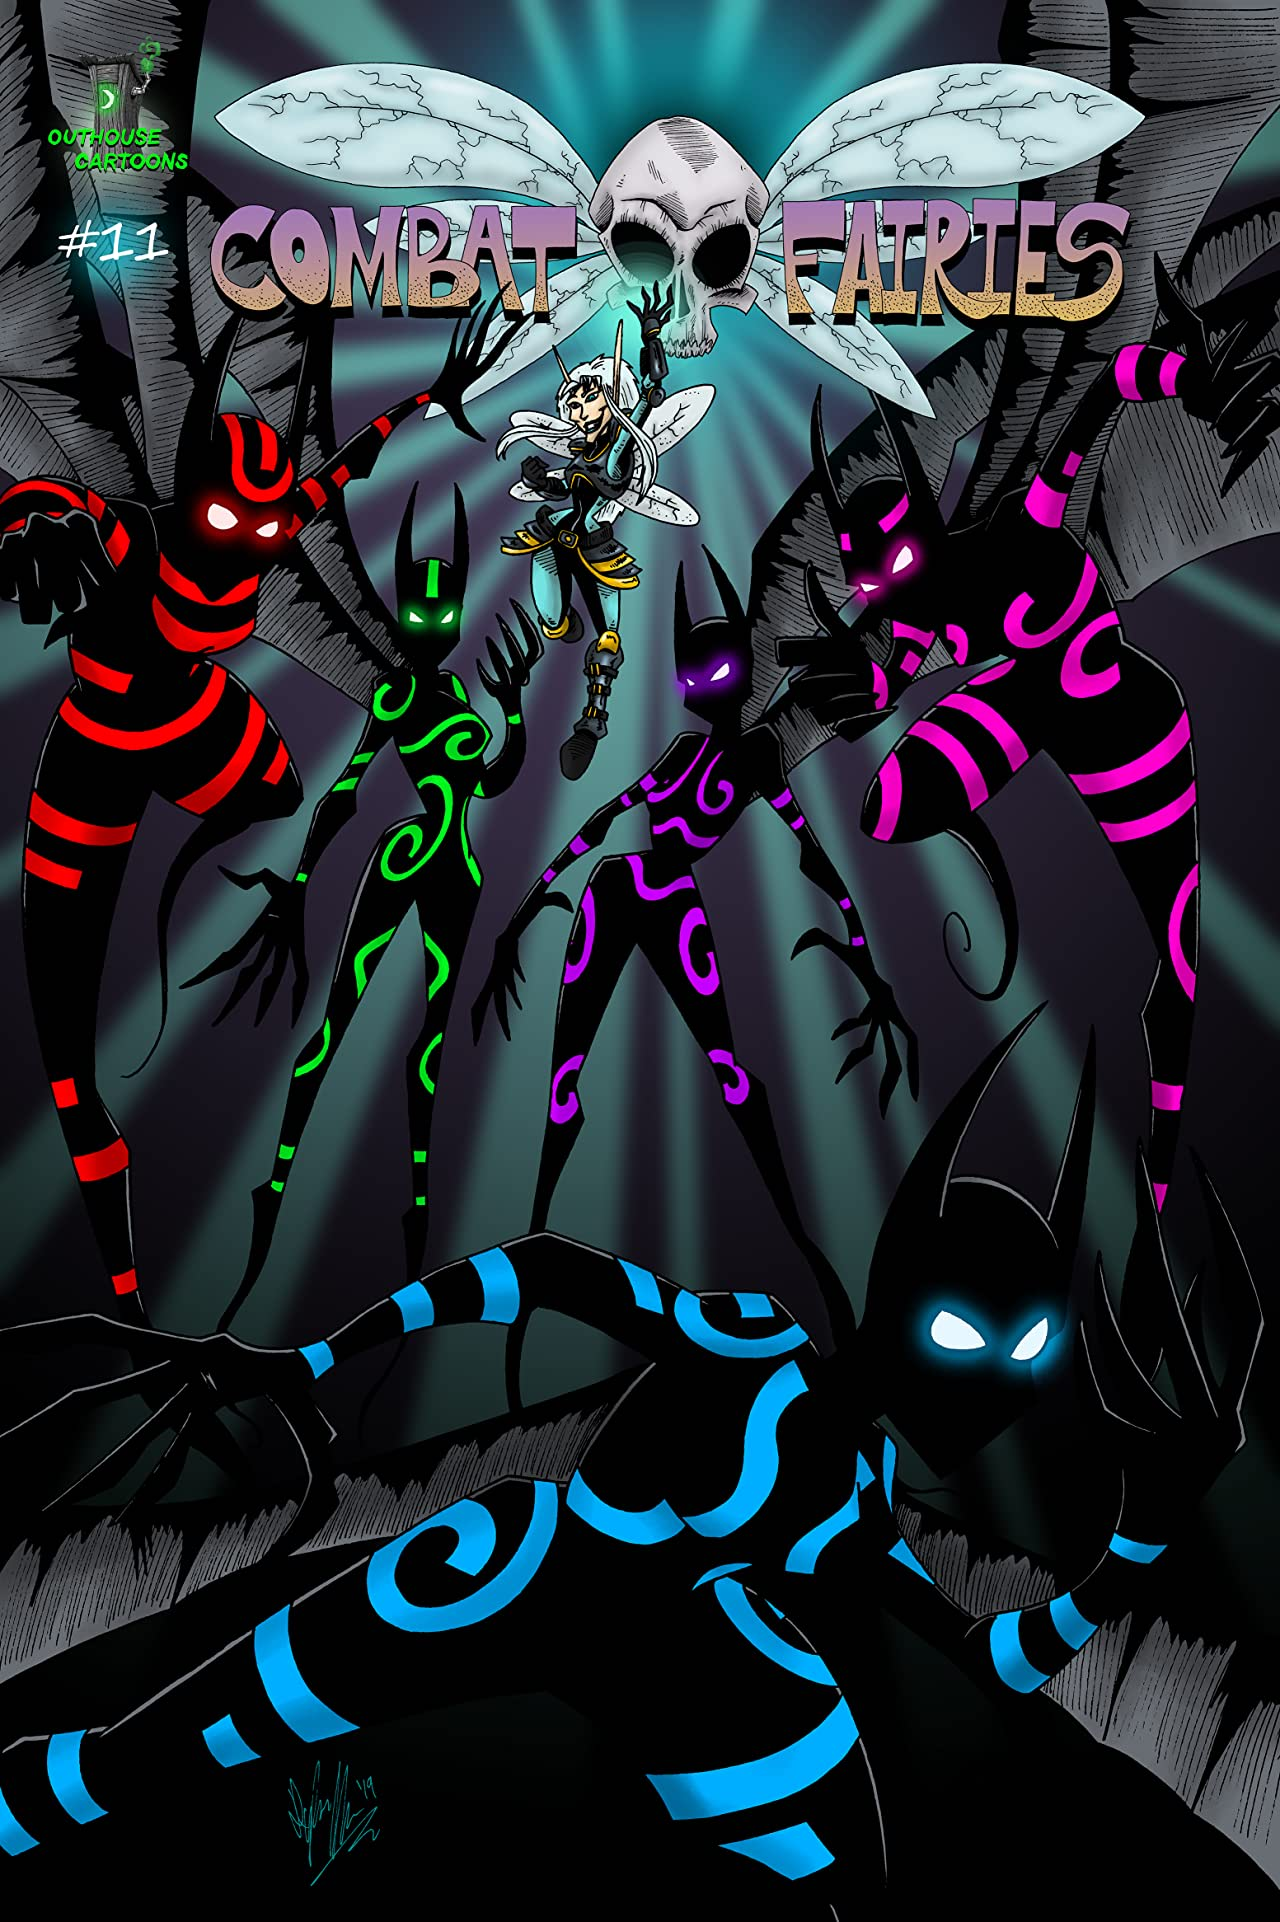 Combat Fairies #11